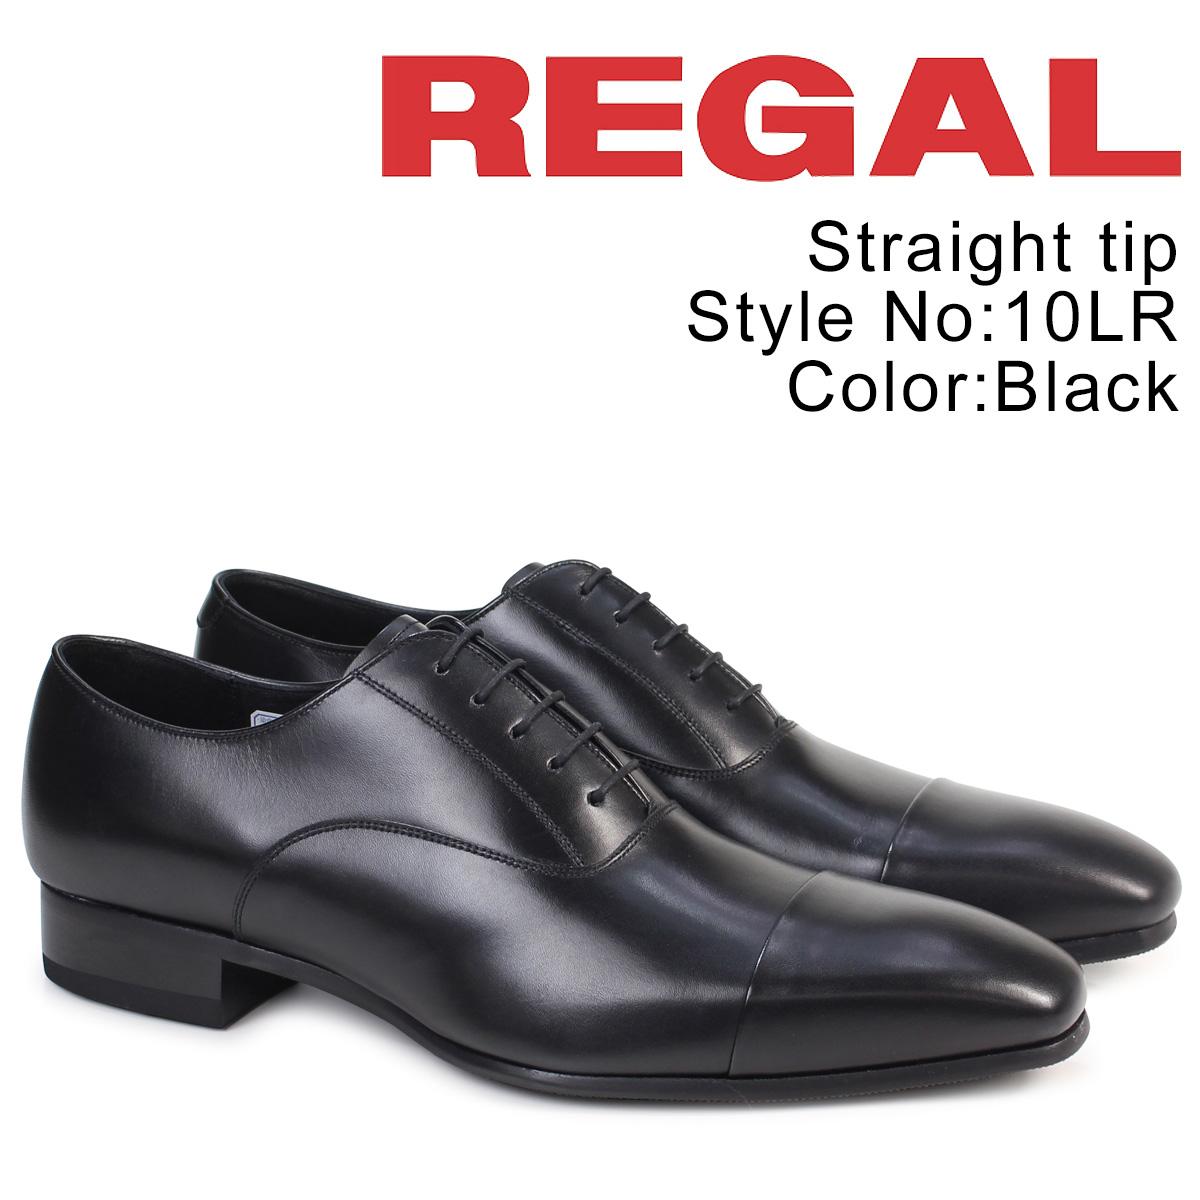 REGAL 靴 メンズ リーガル ストレートチップ 10LRBD ビジネスシューズ 日本製 ブラック 黒